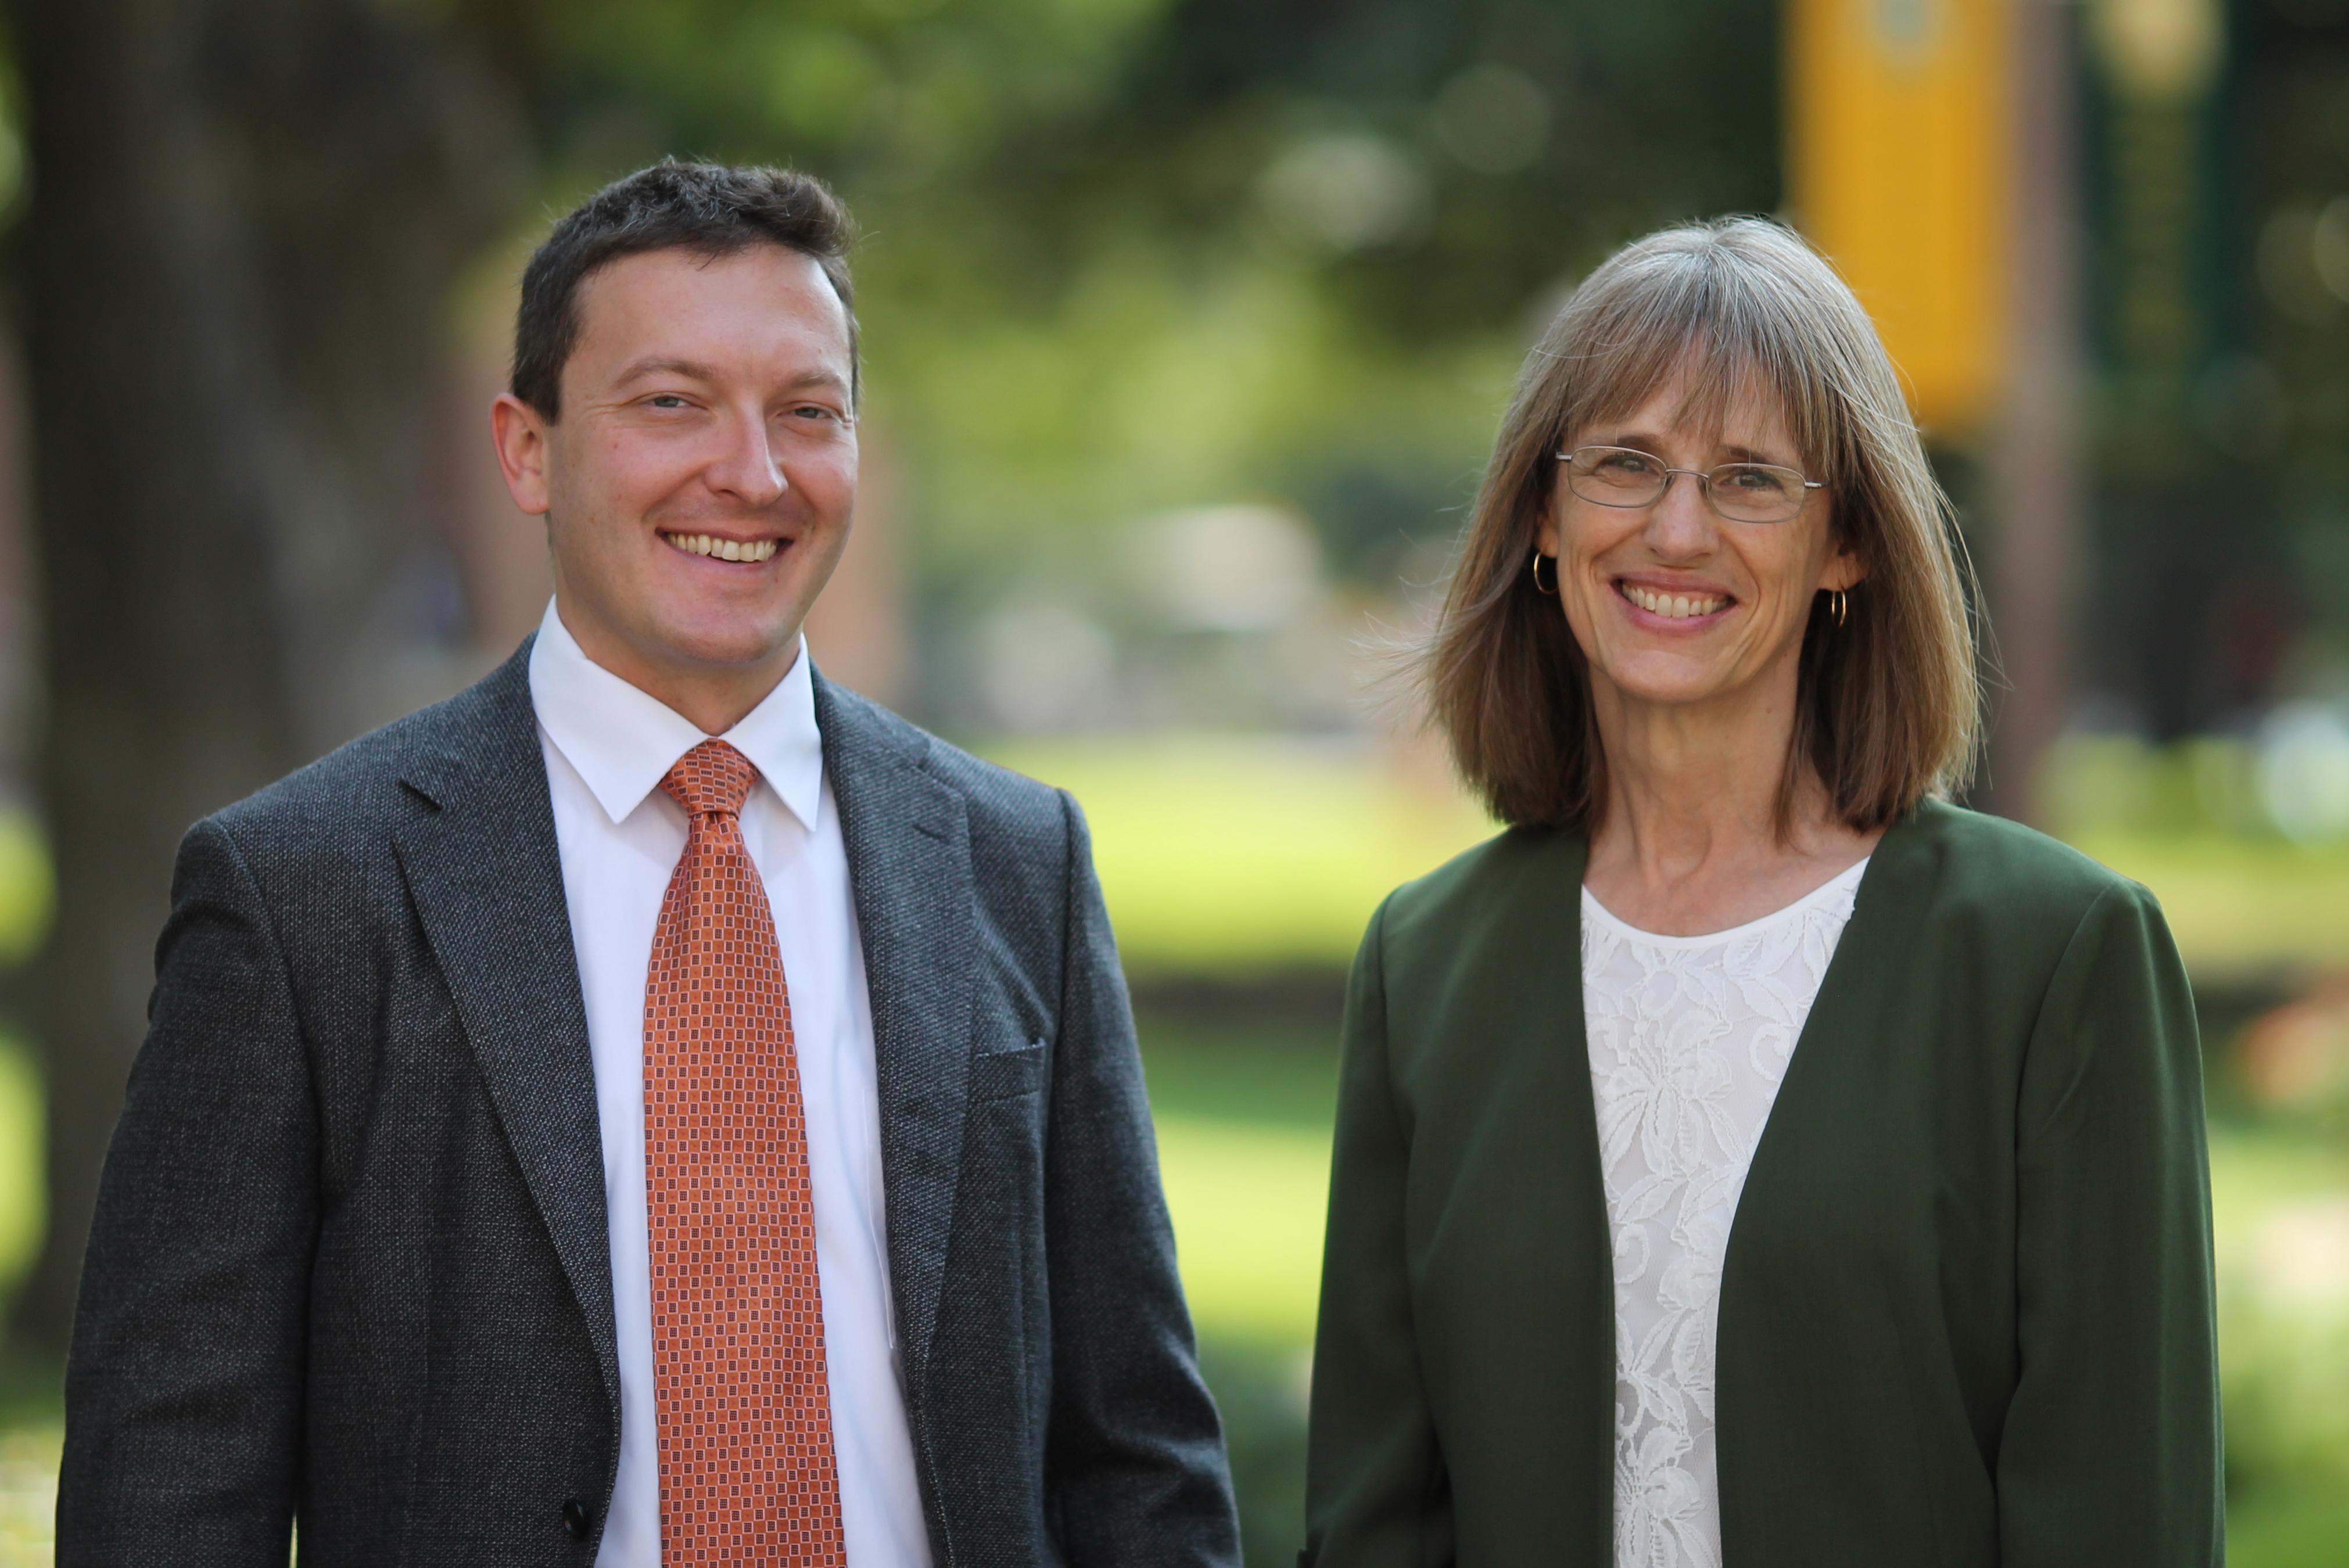 Dr. Nathan Elkins and Dr. Tamarah Adair